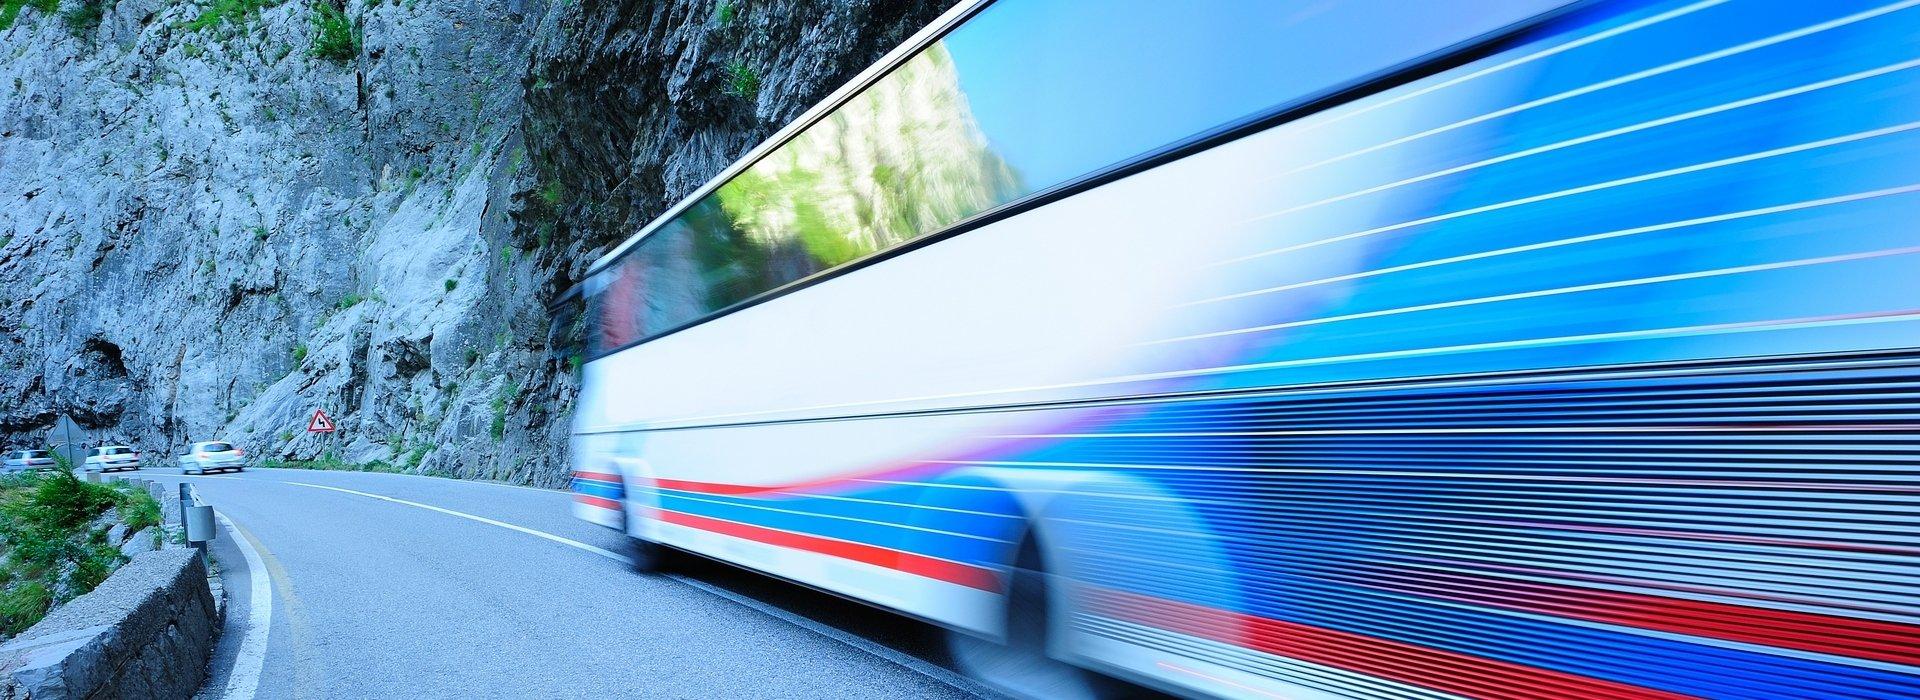 Utazás Budapestre Busszal – Utazás Budapestre